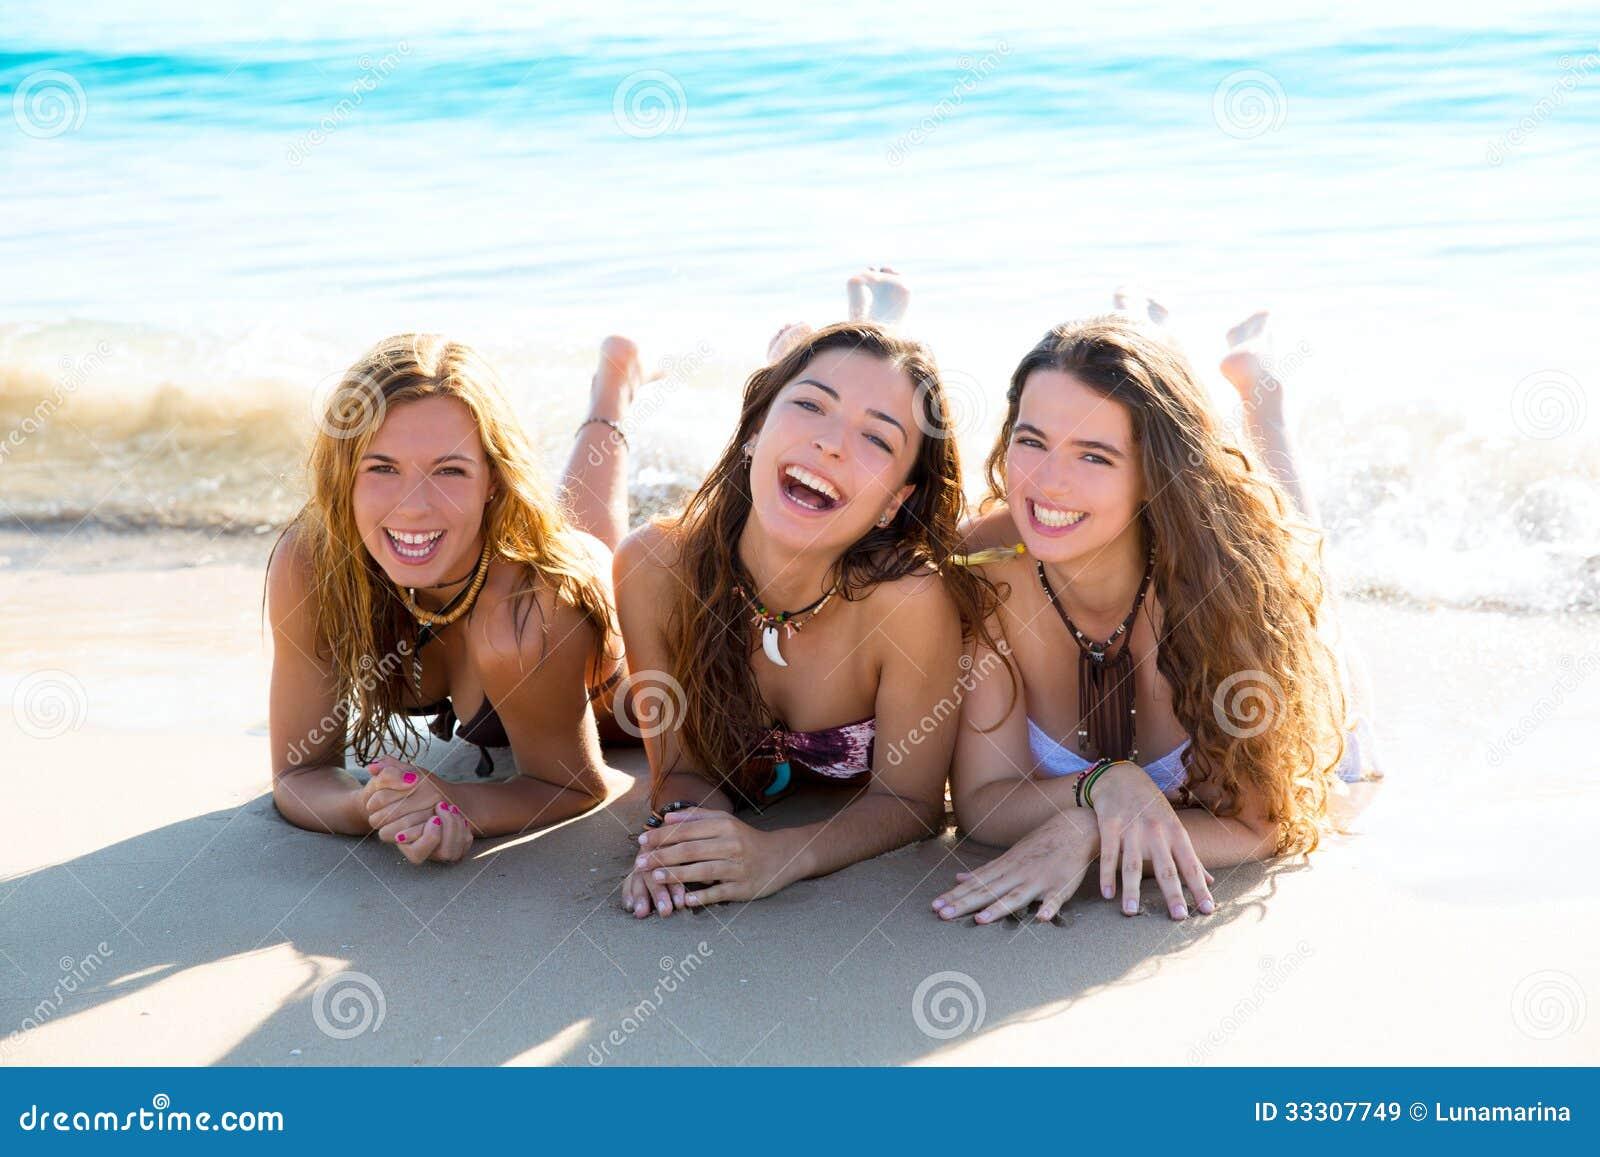 3 девушки на пляже фото